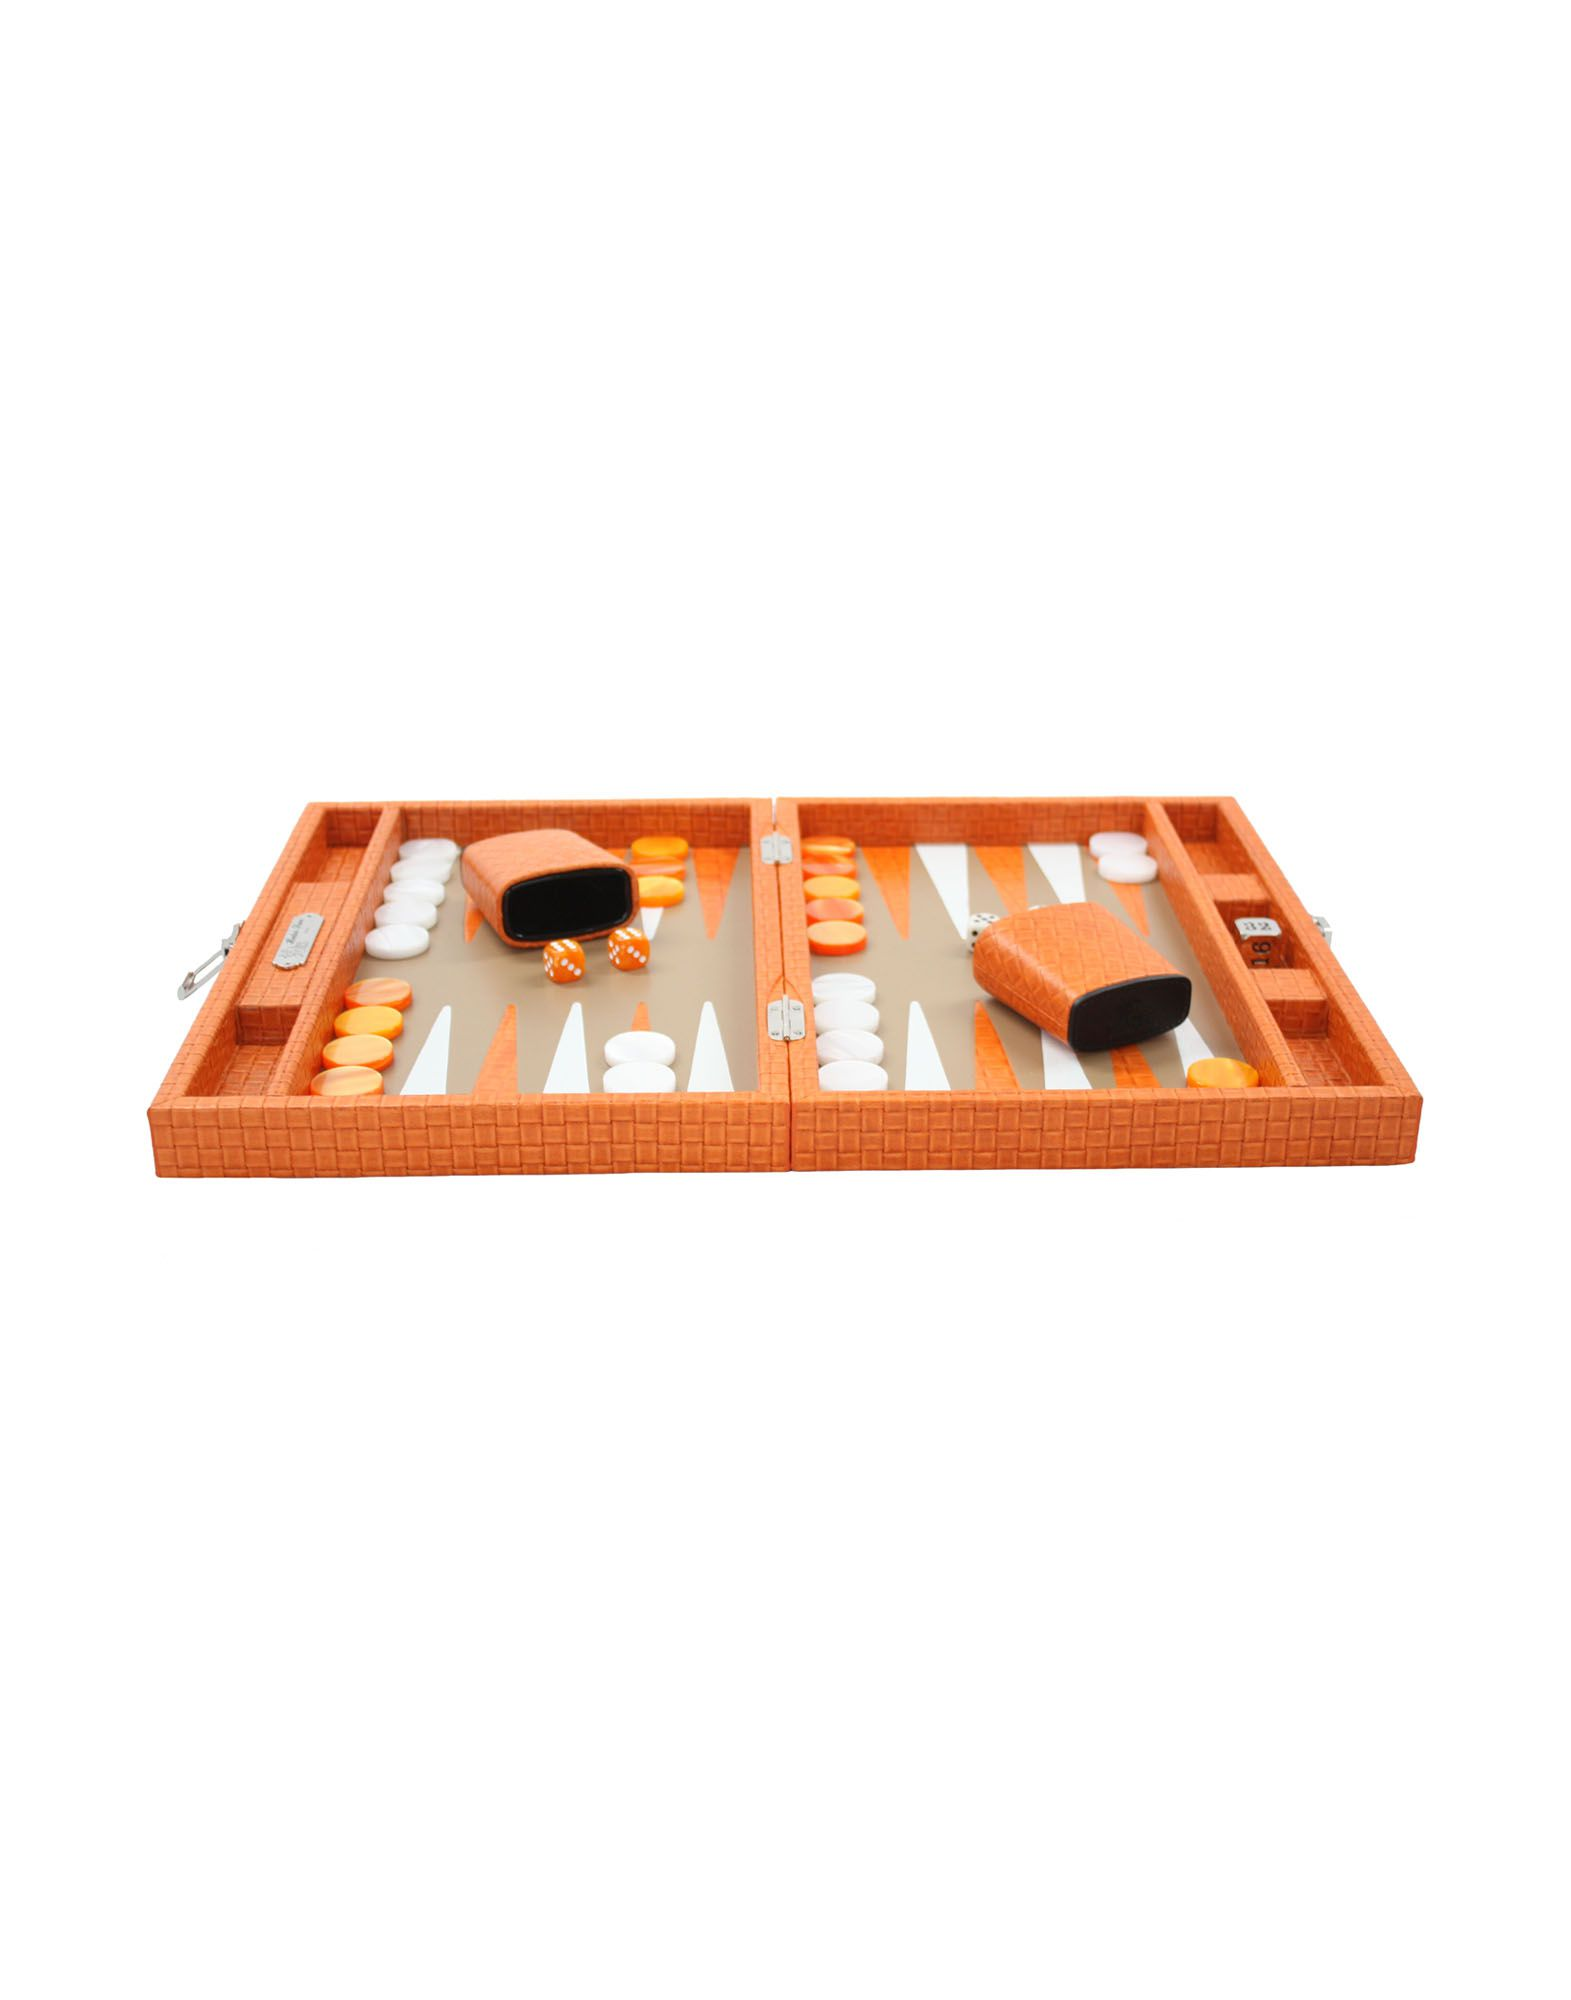 Backgammon - Idee Regalo & Oggettistica Hector Saxe - DESIGN+ART Hector Saxe - Acquista online su